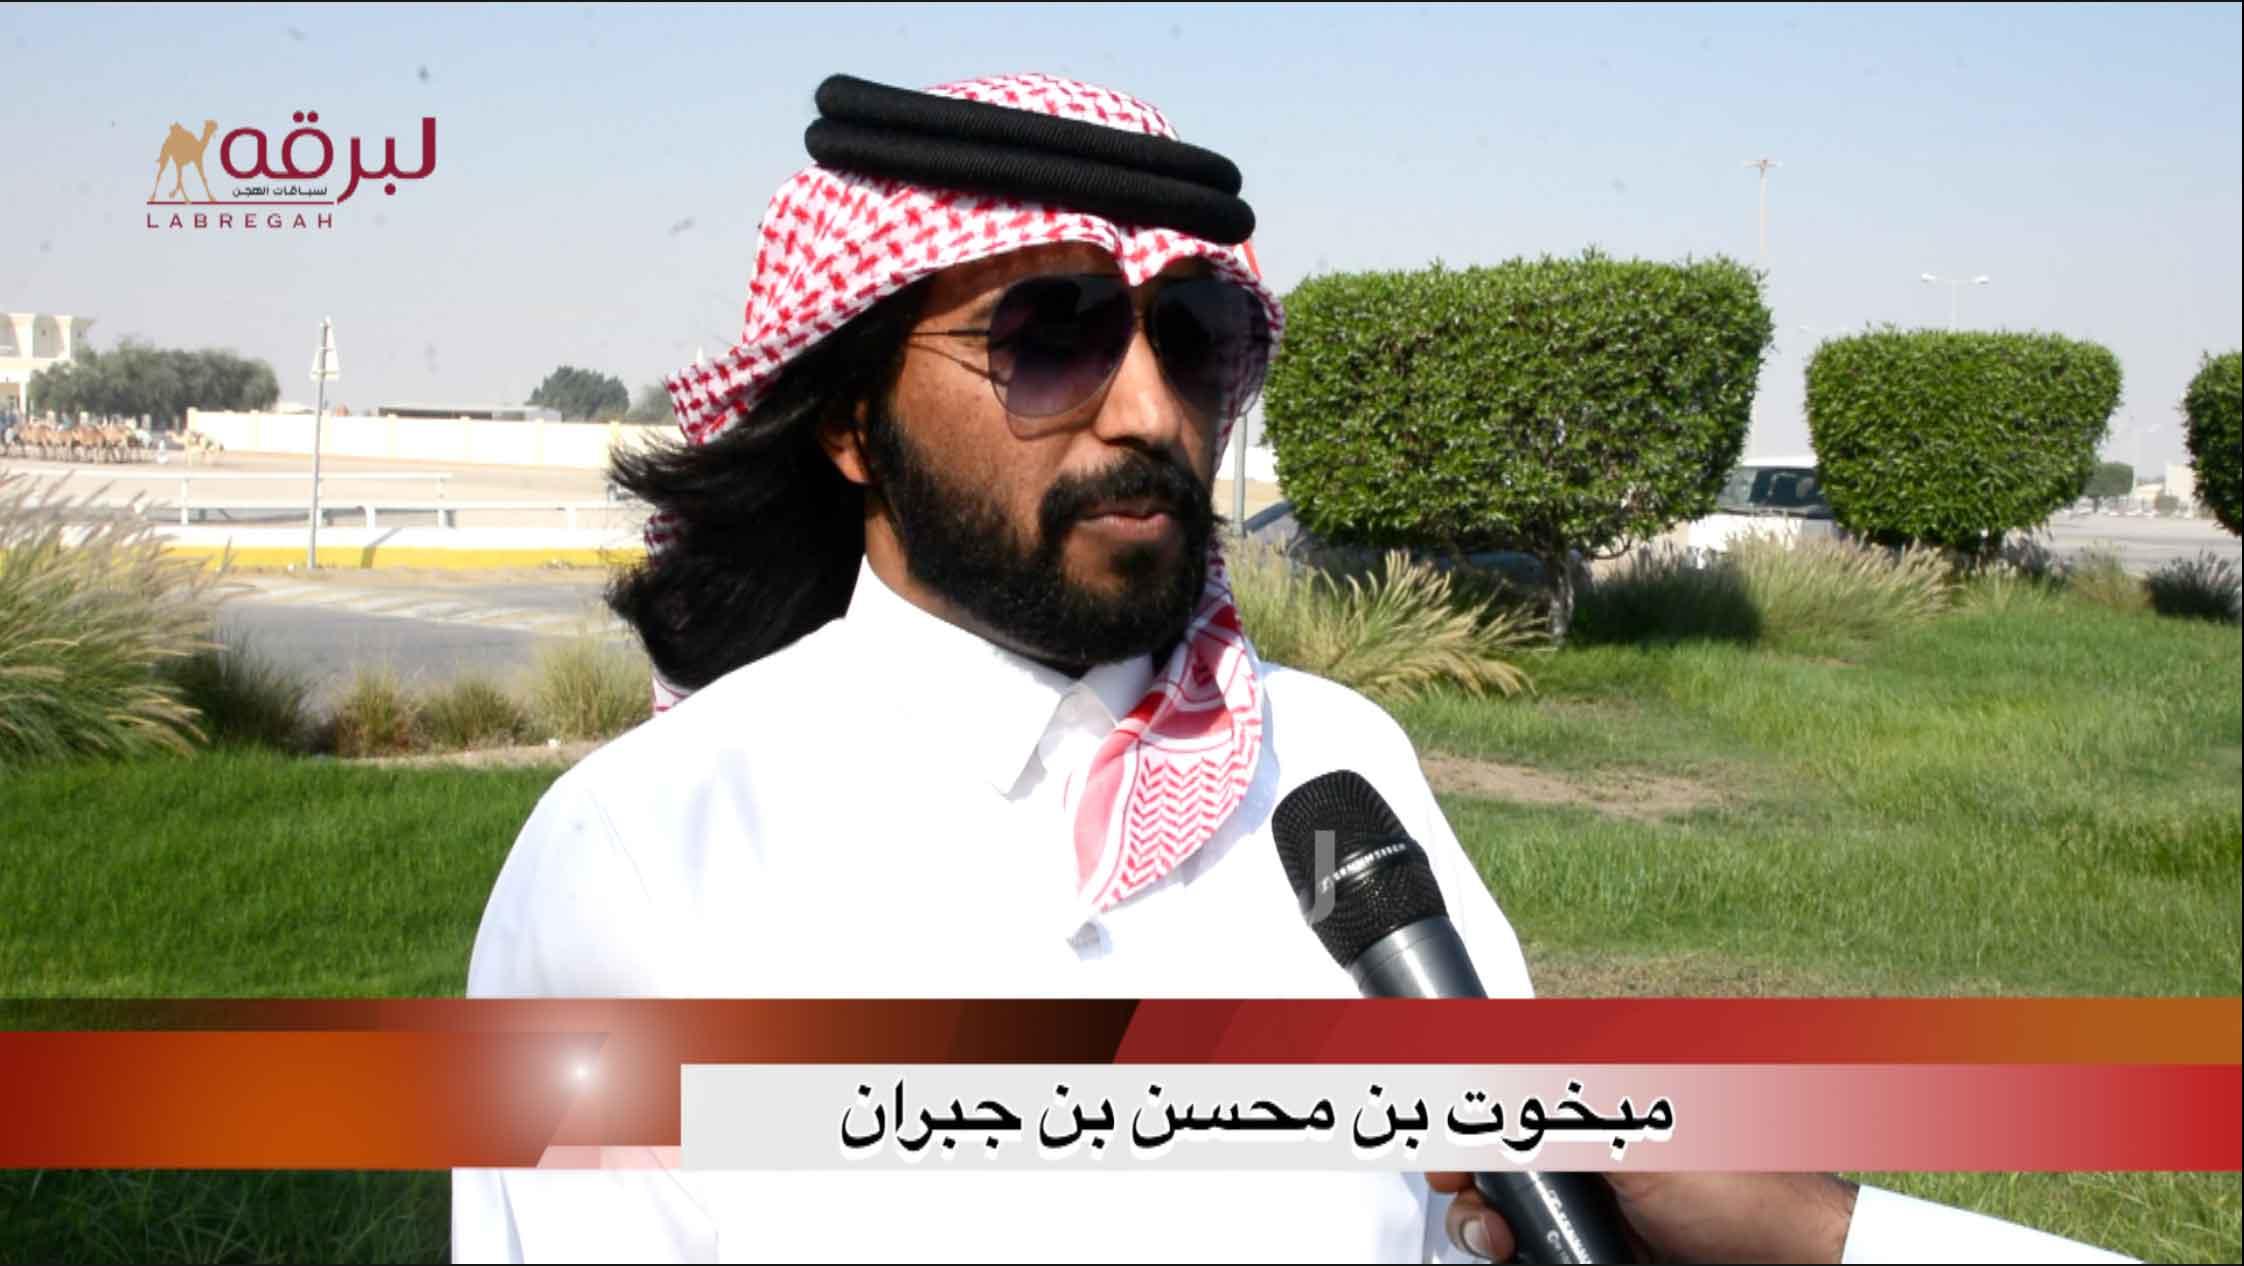 لقاء مع مبخوت بن محسن الجبران.. الشوط الرئيسي للثنايا بكار إنتاج الأشواط العامة  ١٢-١١-٢٠٢٠